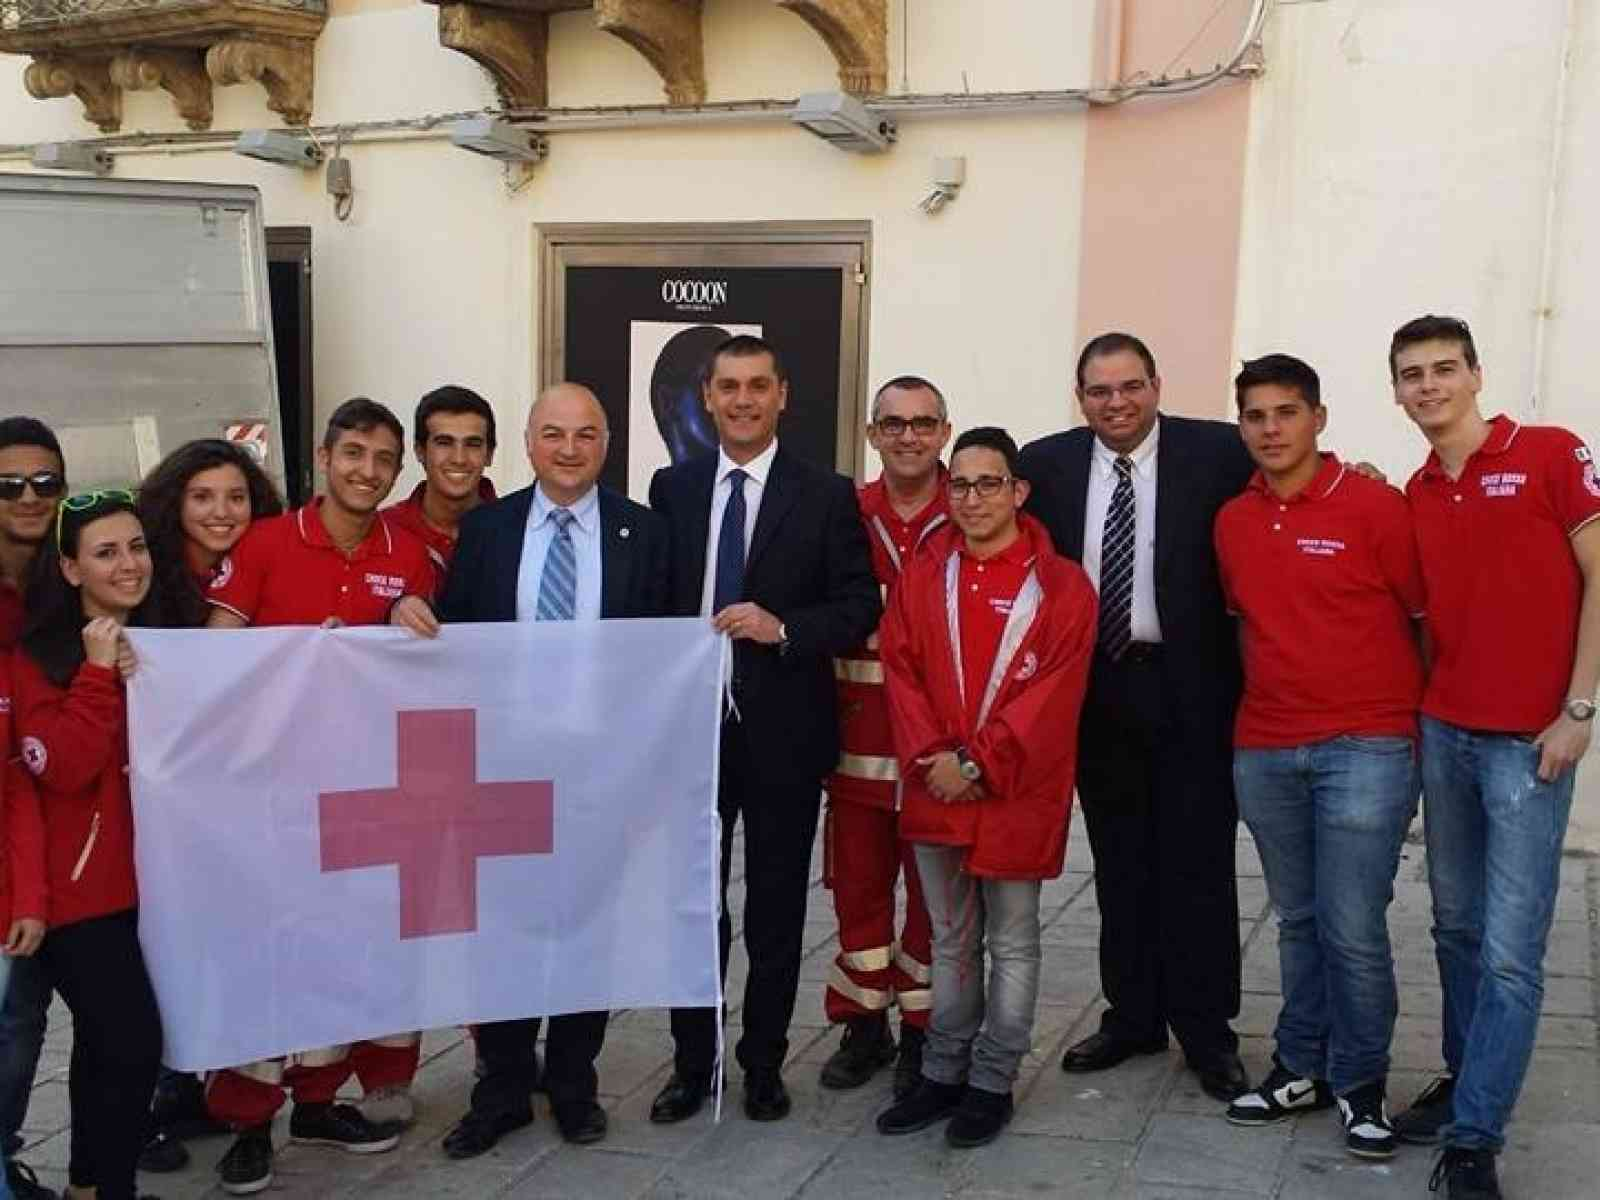 Giornata Mondiale della Pace: CRI Sicilia per una cultura della non violenza e della pace